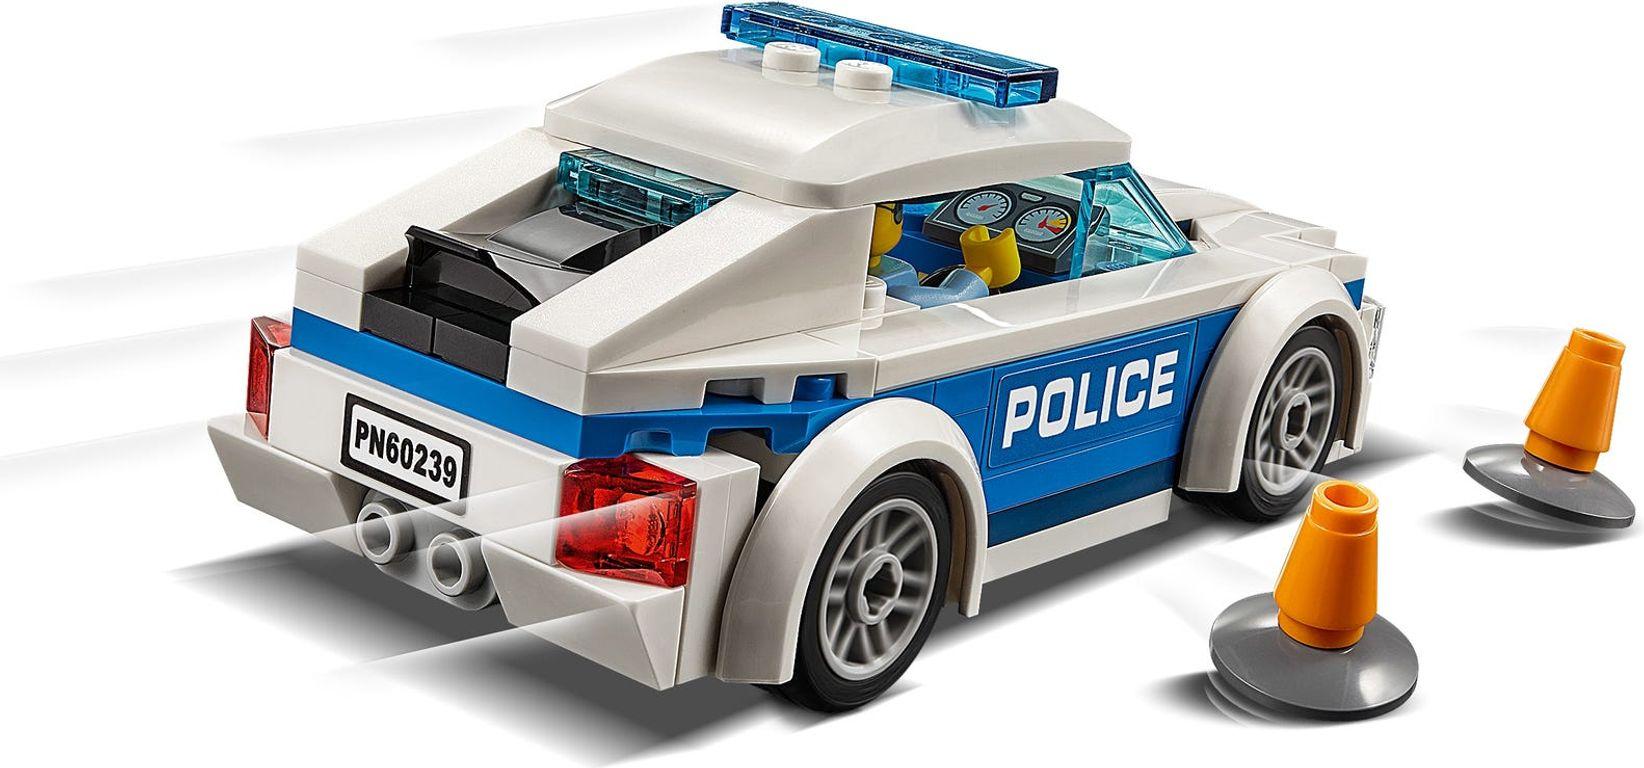 LEGO® City Patrol Car back side